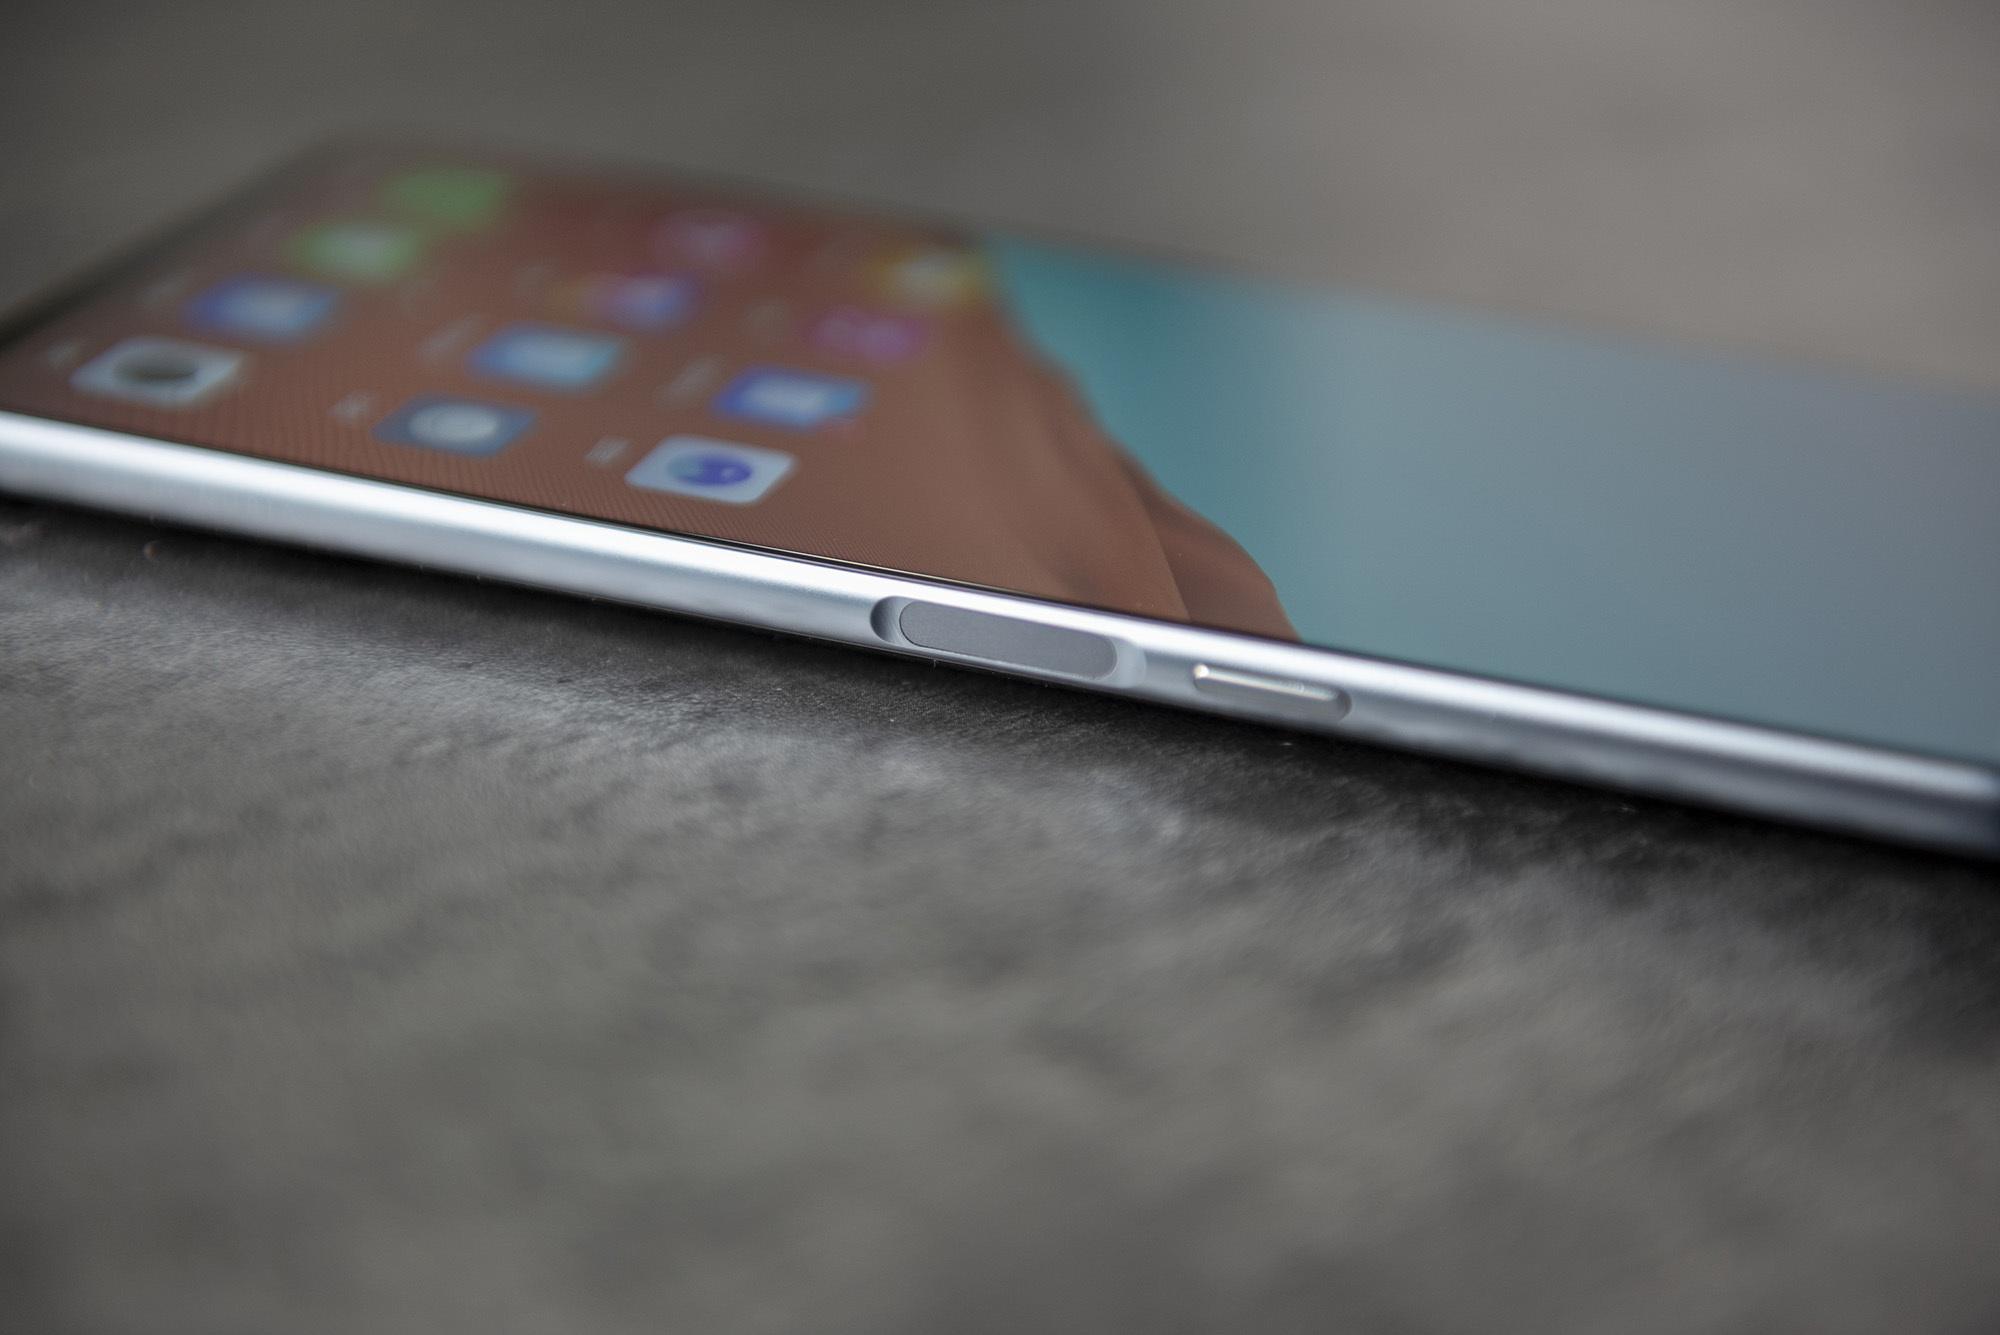 努比亚X上手体验:前后双屏手机真的好用吗?的照片 - 6